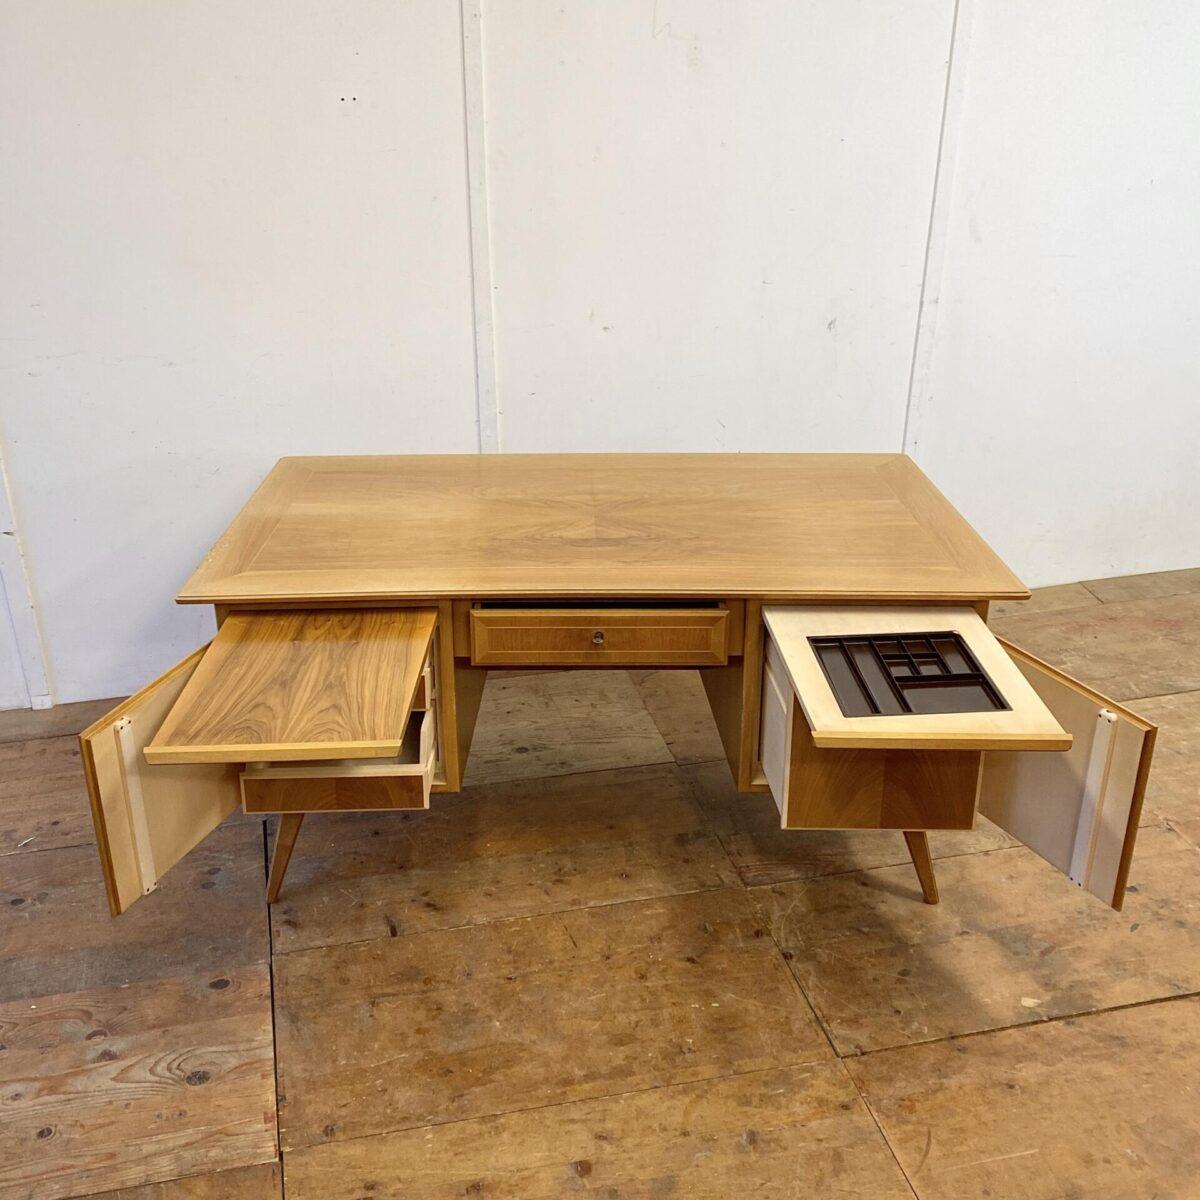 Nussbaum Schreibtisch mit Schublade. 16x80cm Höhe 74.5cm. Dieser Tisch hat eine trapezförmige Grundform, und ist leicht geschwungen. Hinter den Türen befinden sich Schubladen. Die Rückseite hat Füllungen und ein kleines Tablar.